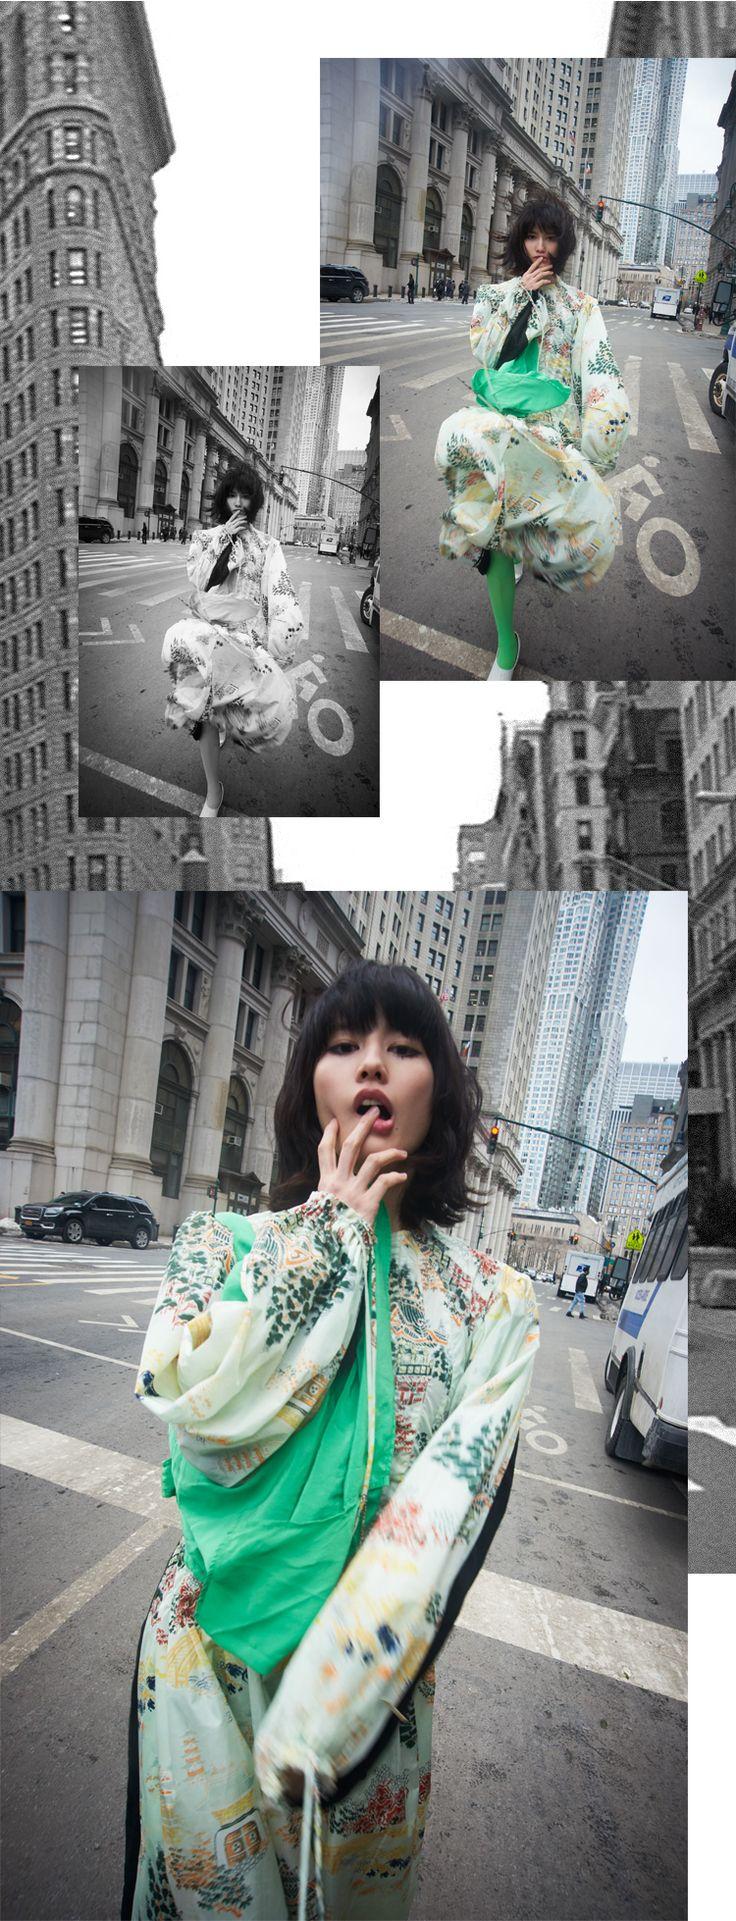 いつの時代も世界のアーティストを惹きつけてやまない街、ニューヨーク。より自由に、解放的に。そんな今のムードを捉え、フリースピリット溢れる最新モードを新進気鋭の女優・橋本愛が謳歌する。